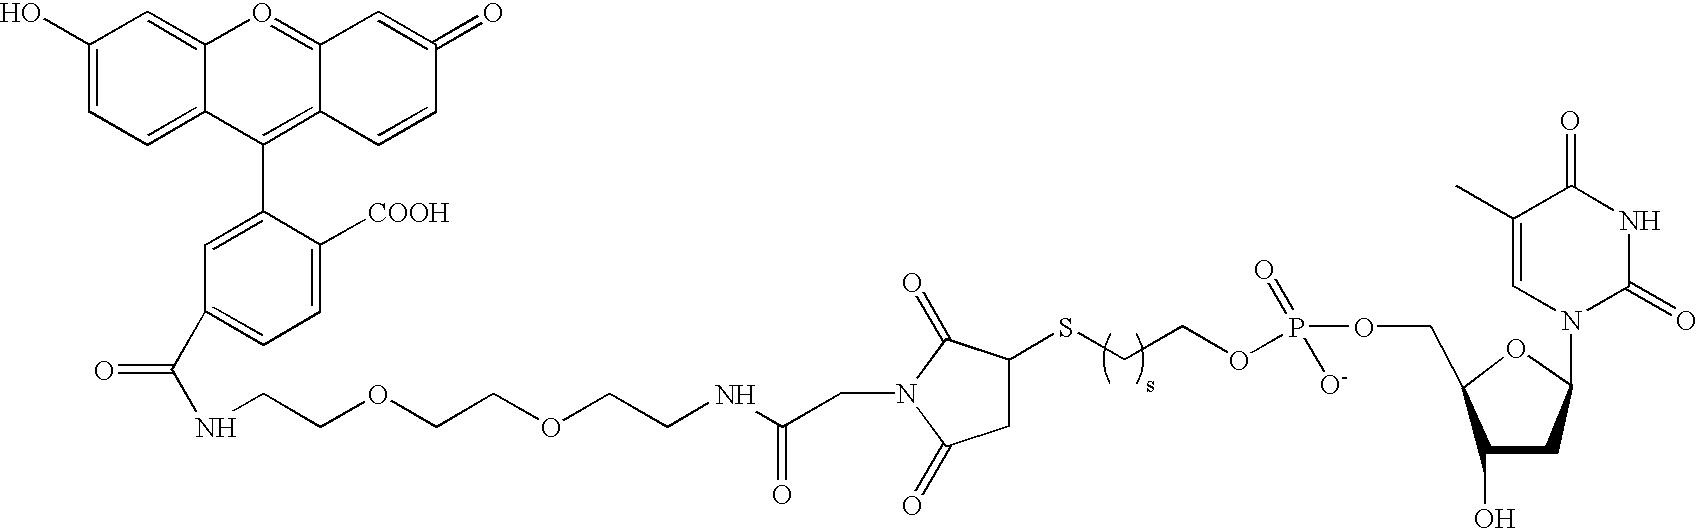 Figure US06514700-20030204-C00069